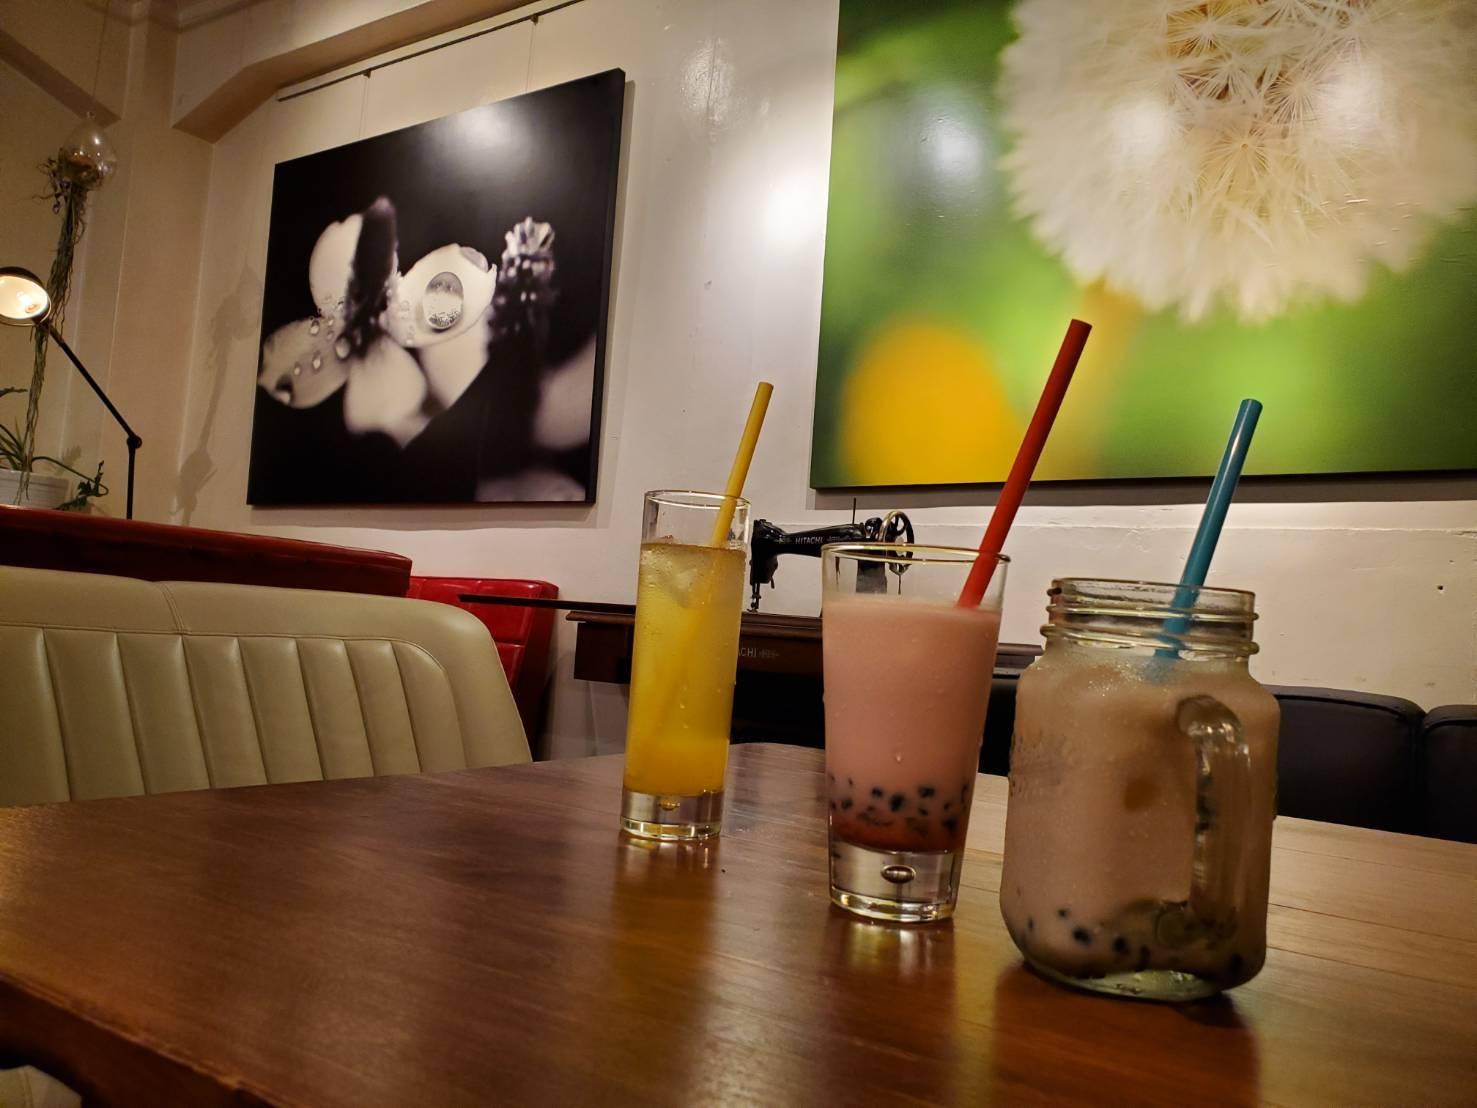 雰囲気あるカフェダイニングバーの目にも美味しいインスタ映え料理_e0115904_01562839.jpg